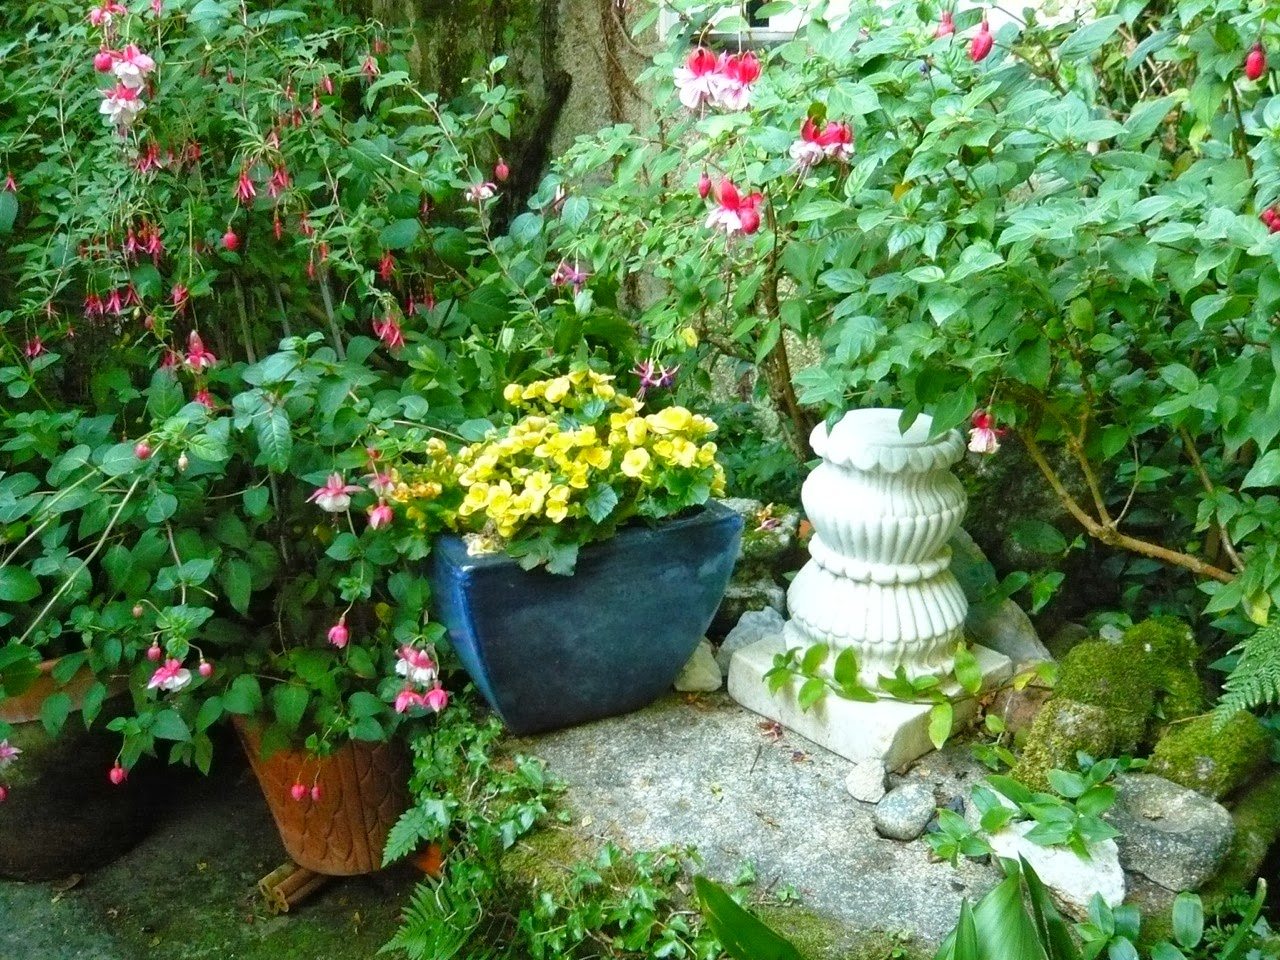 Mi jard n mi para so octubre perfumado for Casa jardin 8 de octubre